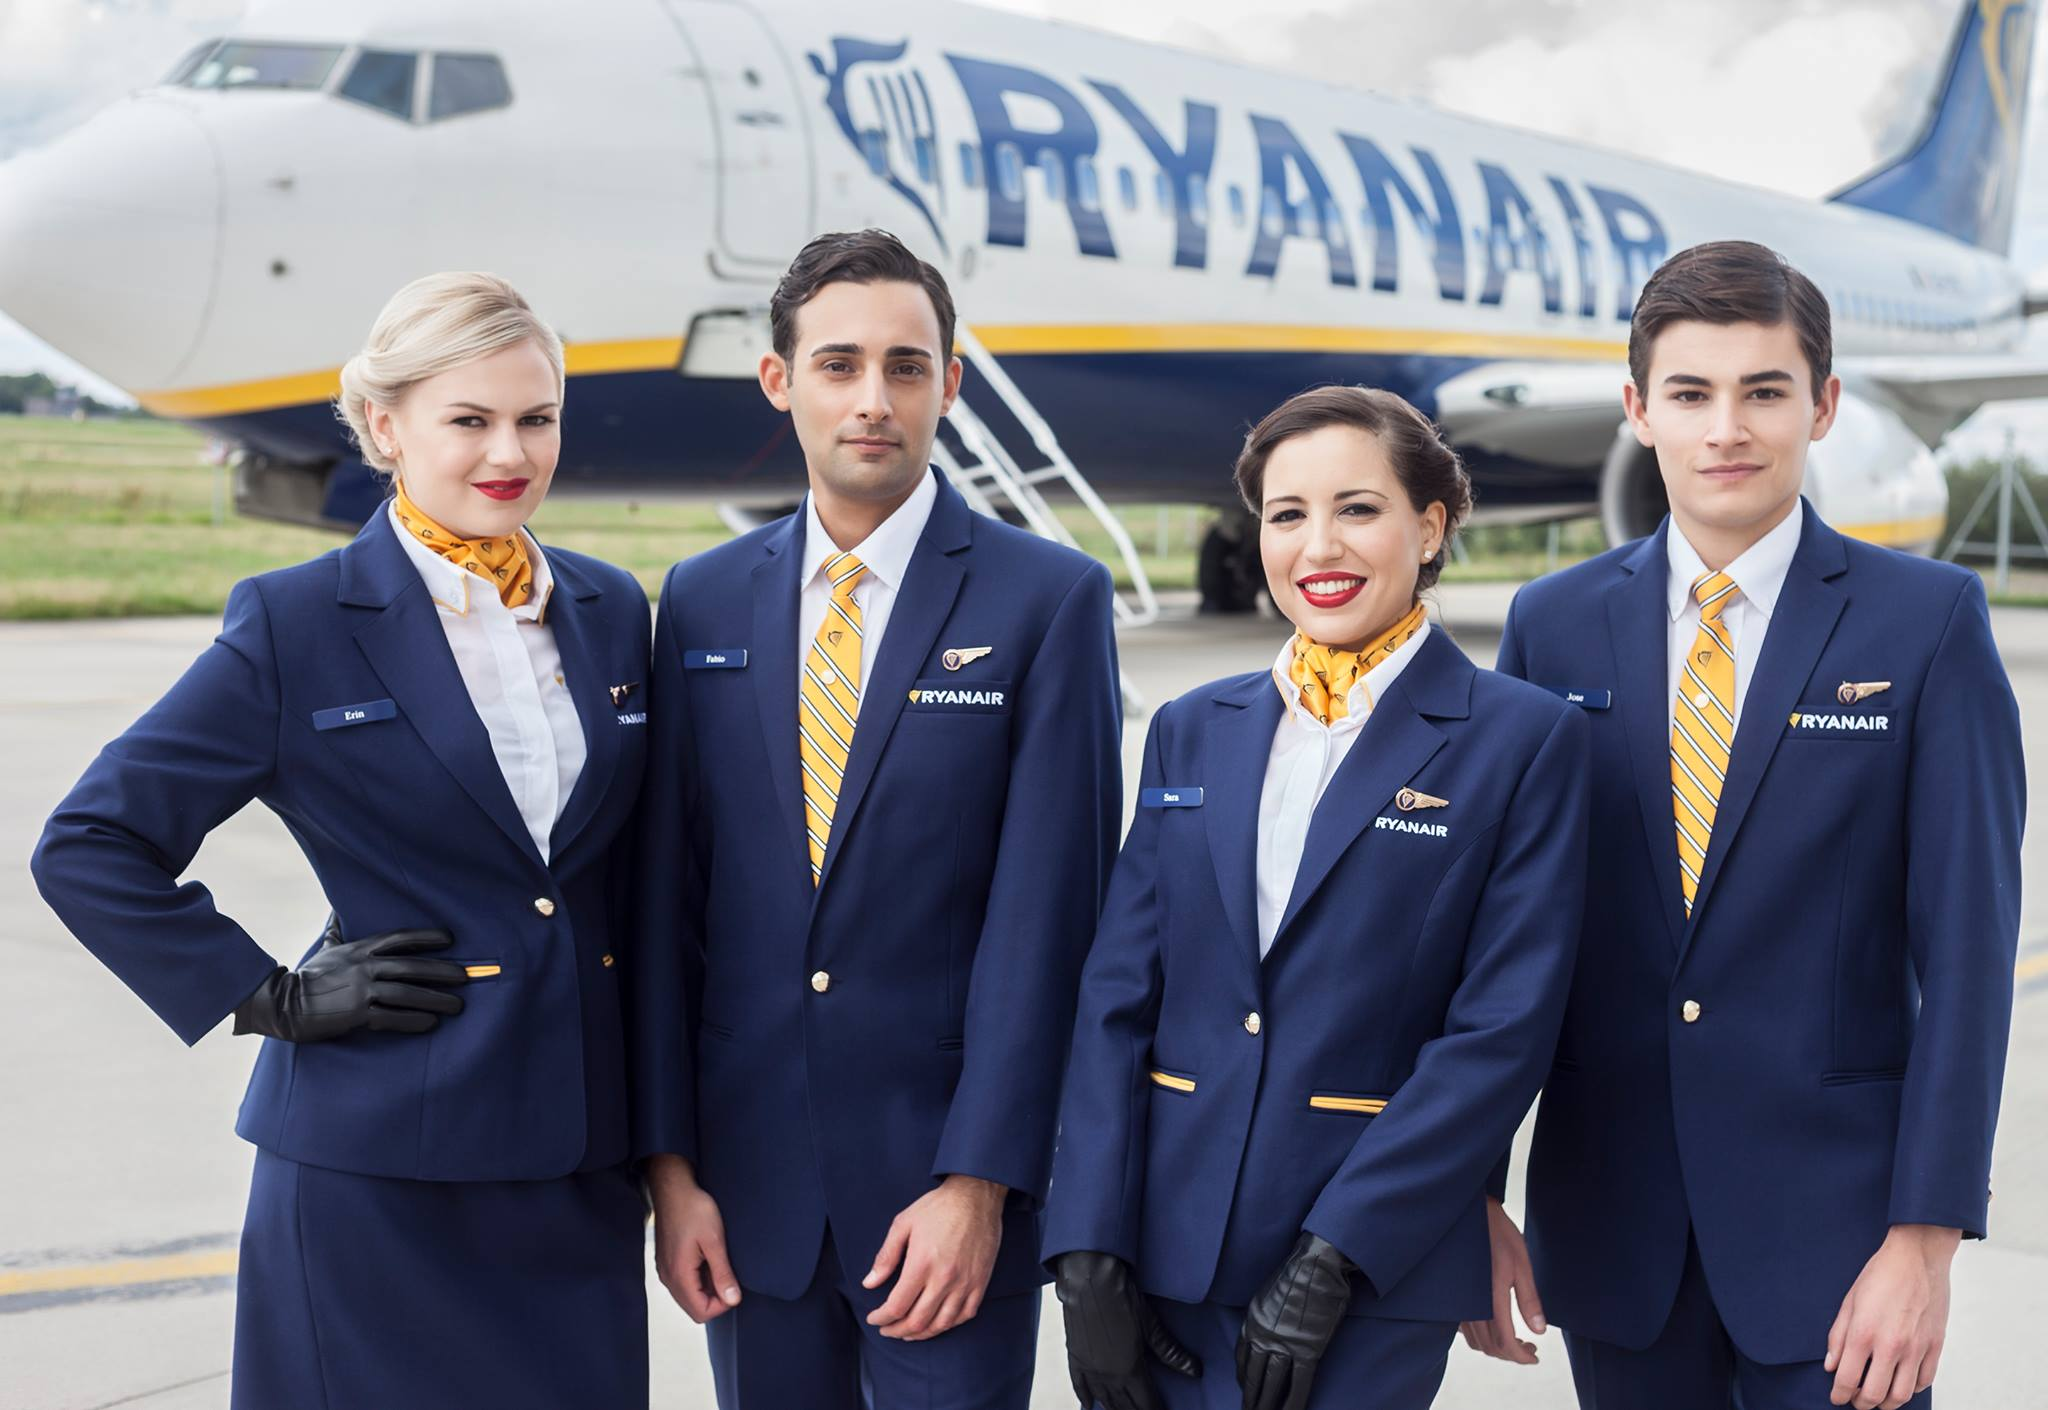 Ryanair vrea să angajeze 2.500 de însoțitori de zbor și recrutează în România